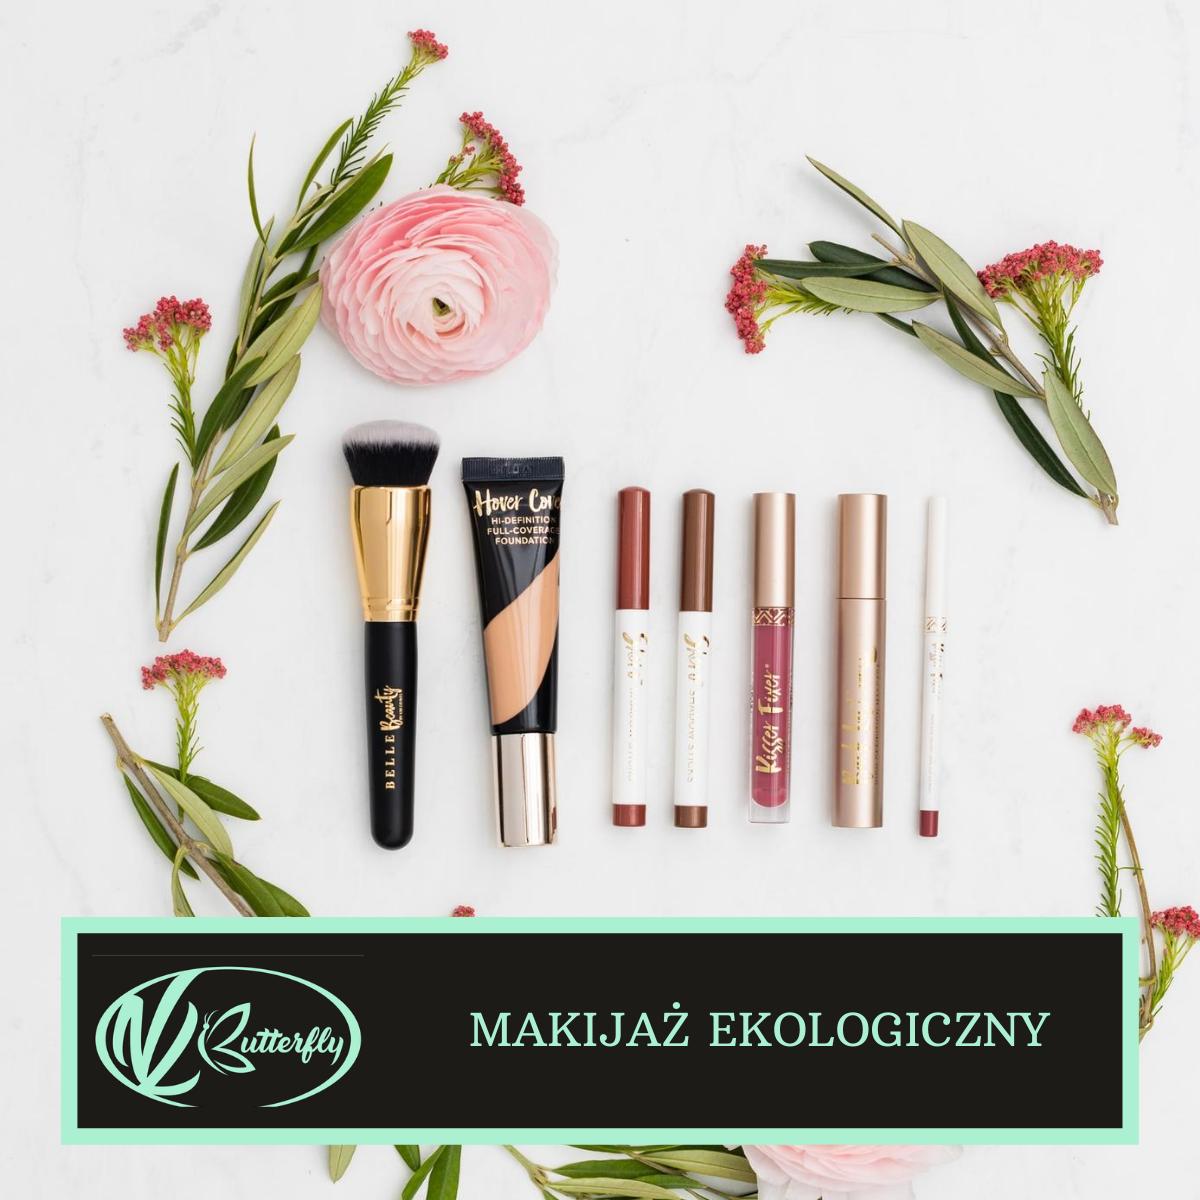 Makijaż ekologiczny